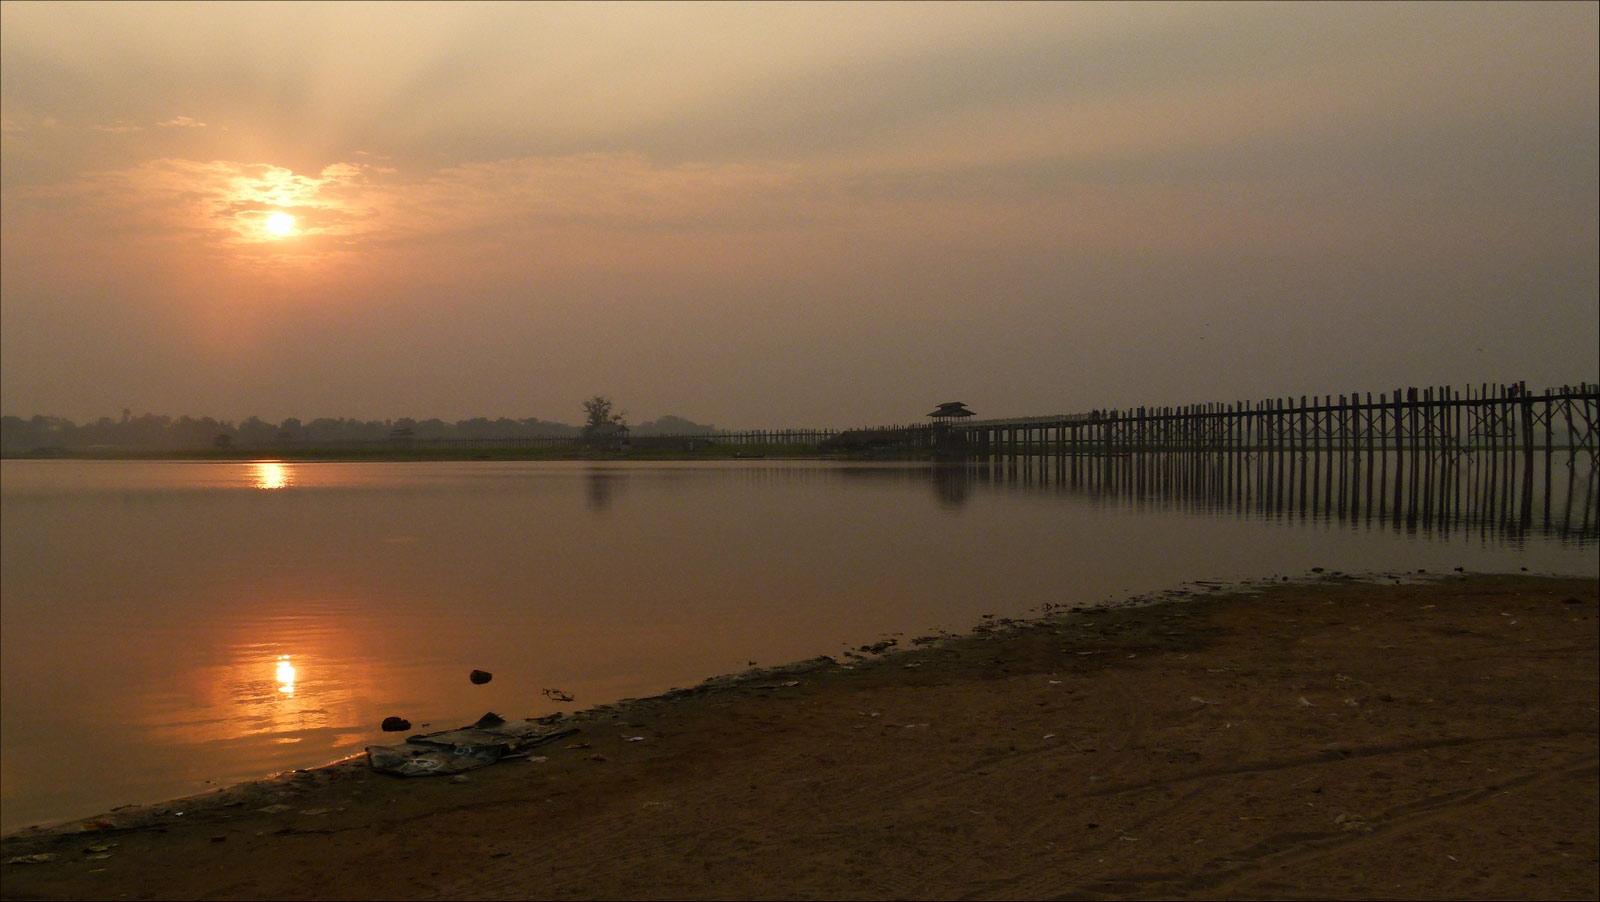 sunset sur le pont U Bein P1300710